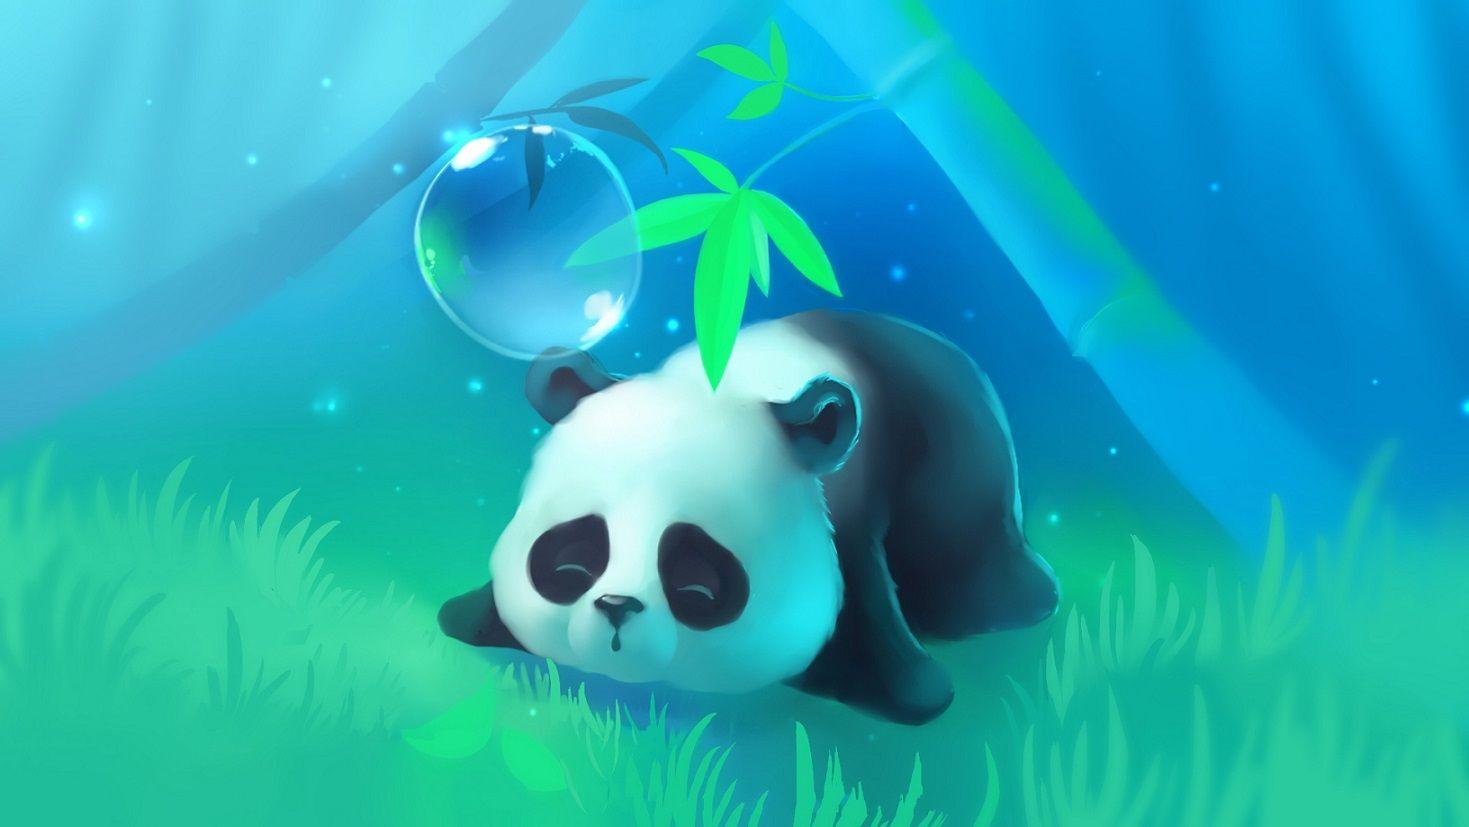 Panda Wallpaper Cute Panda Bears Photos 1920 1080 Cute Panda Pictures Wallpapers 43 Wallpapers Adorable Wallpa Panda Art Panda Wallpapers Panda Background